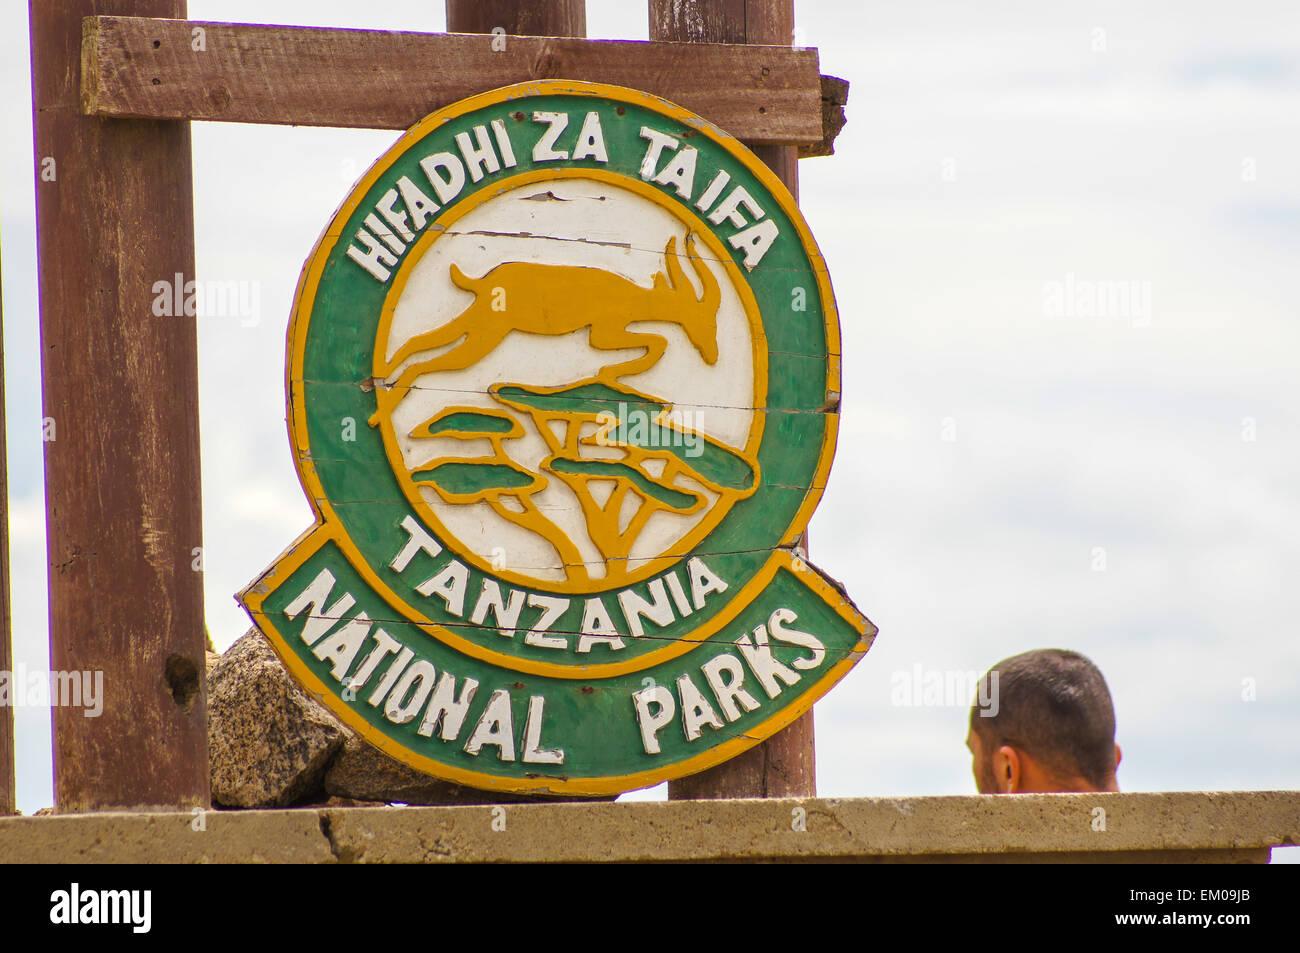 Hifadhi za taifa, Tanzania national park - Stock Image